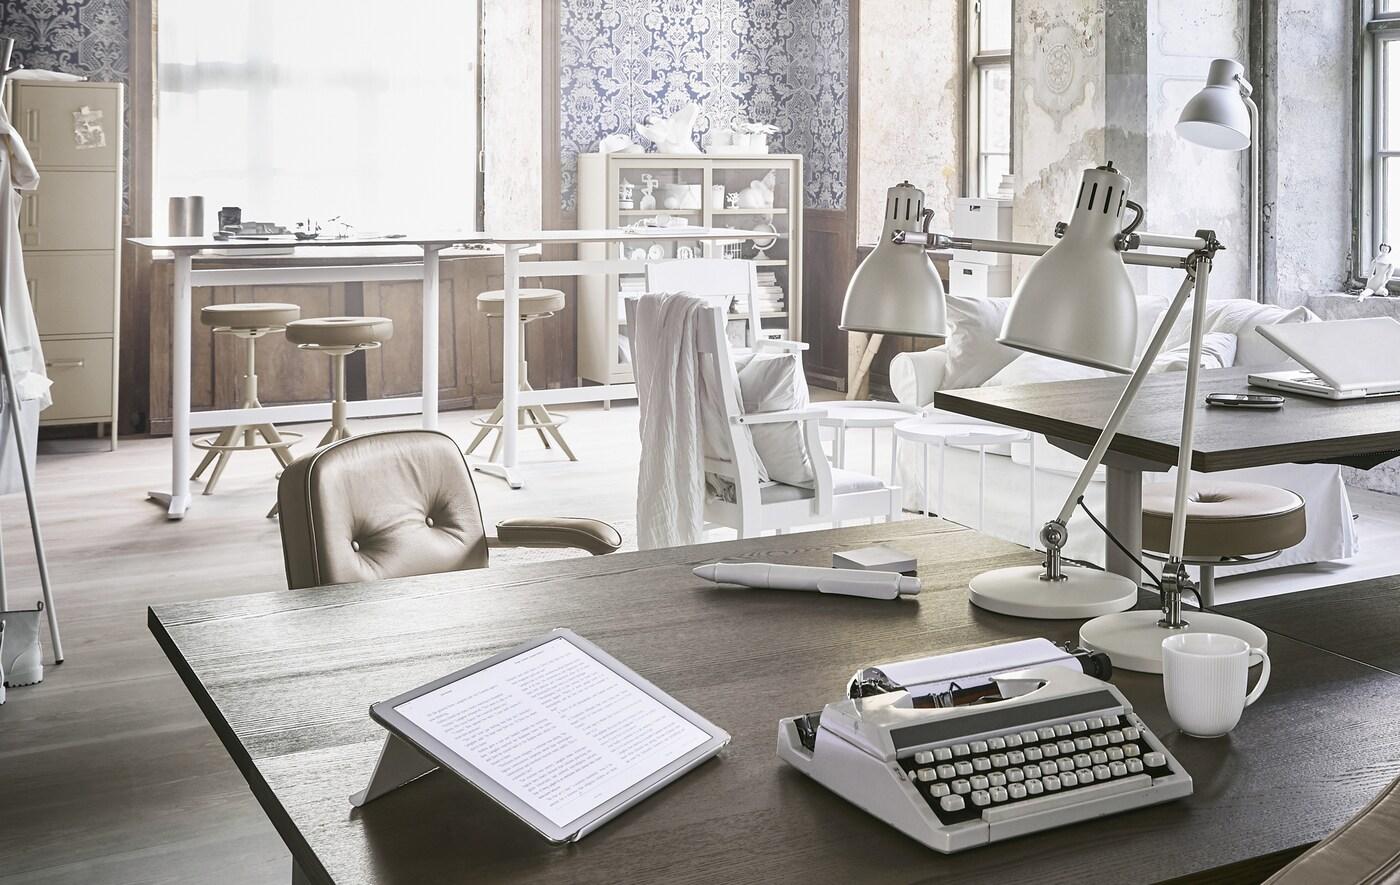 Brunt skrivebord i et kontor med skrivemaskine, tablet og 2 skrivebordslamper.